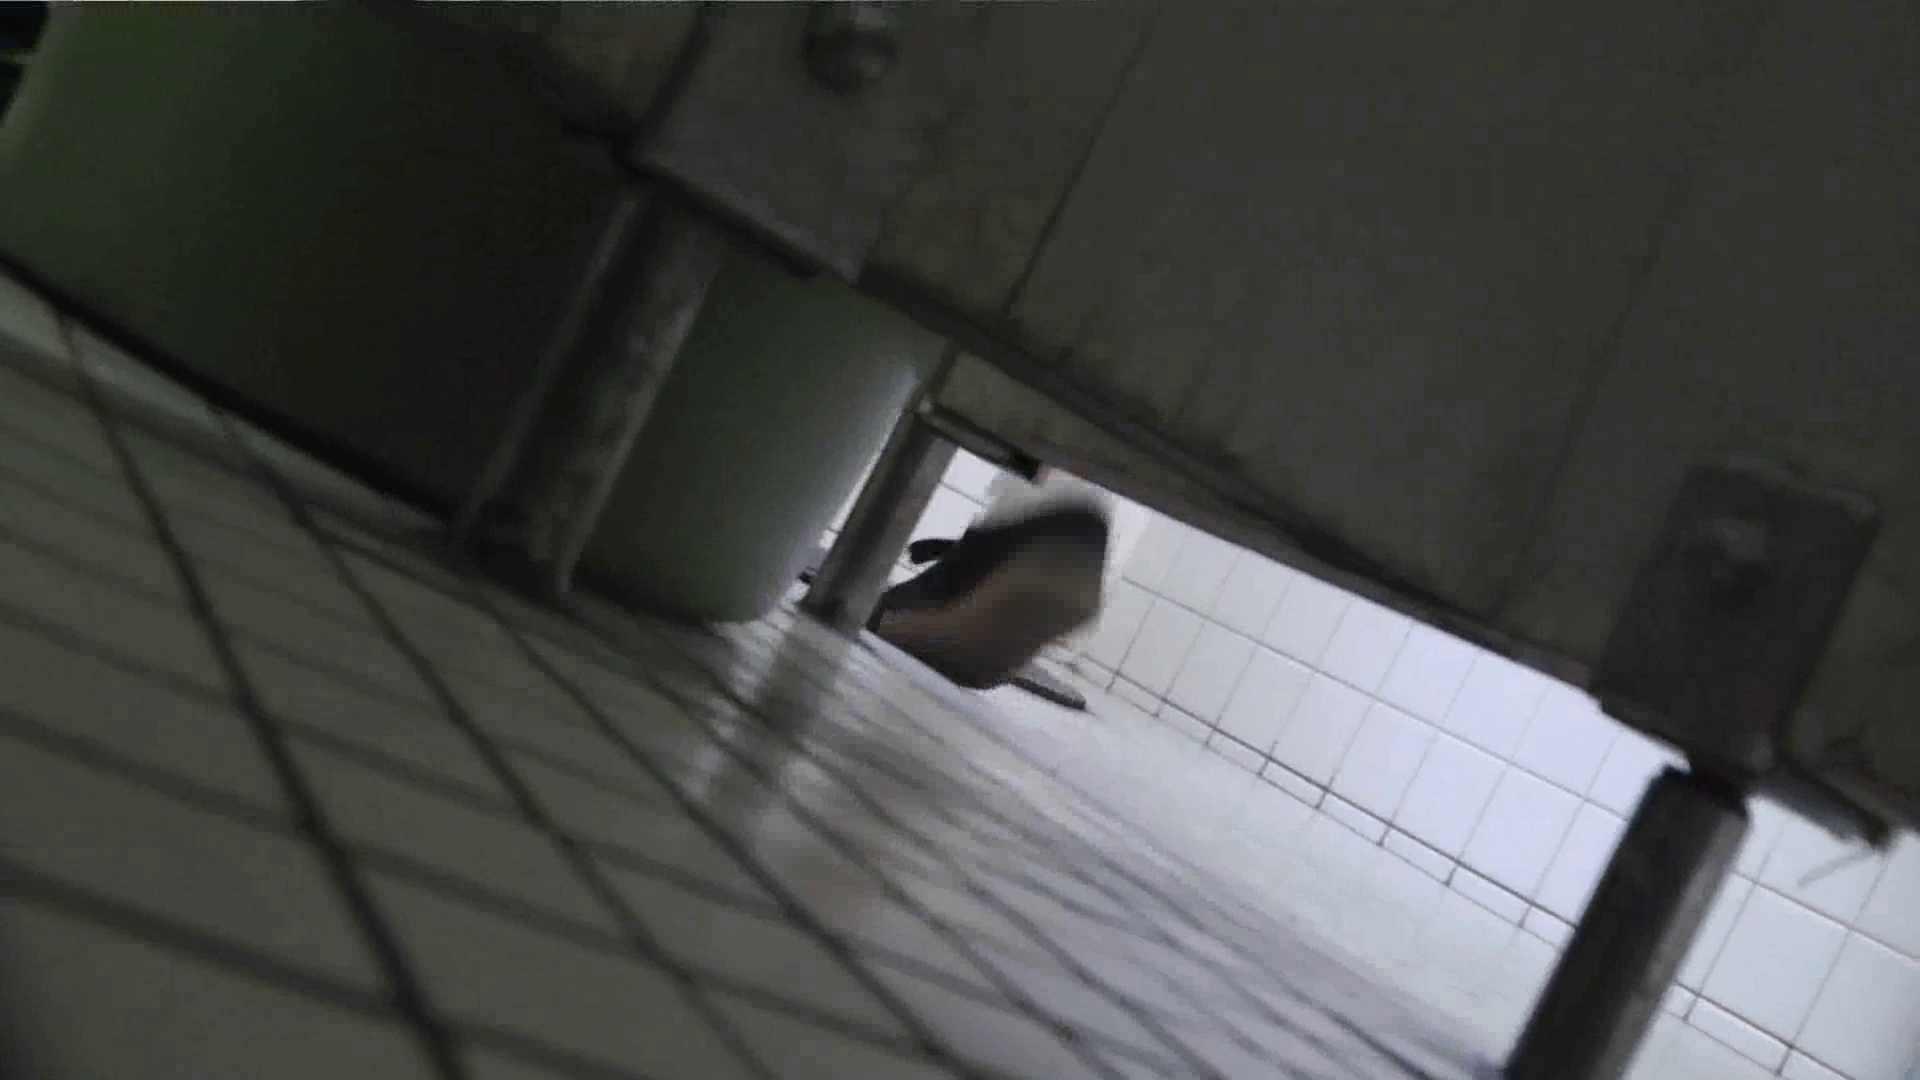 【美しき個室な世界】 vol.025 メガネ属性ヾ(´∀`)ノ 洗面所  84画像 48